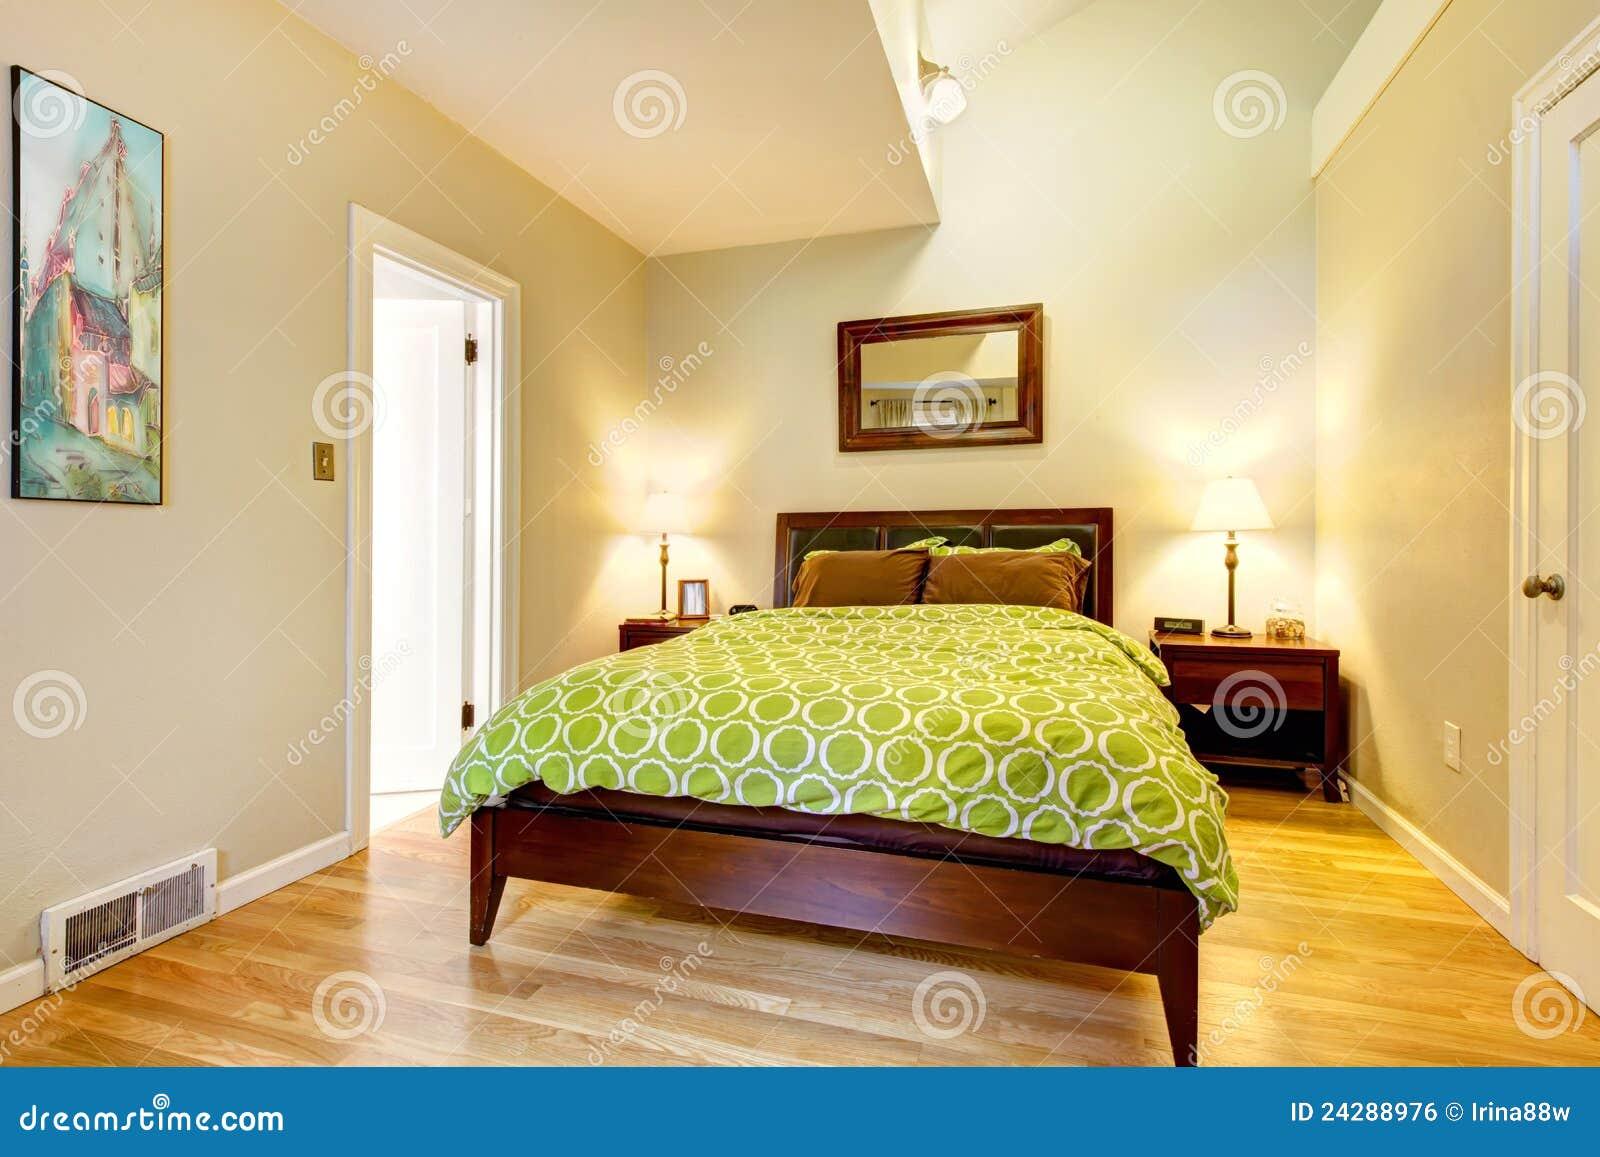 Chambre coucher verte et beige moderne avec le b ti brun image libre de droits image 24288976 for Chambre a coucher marron et vert